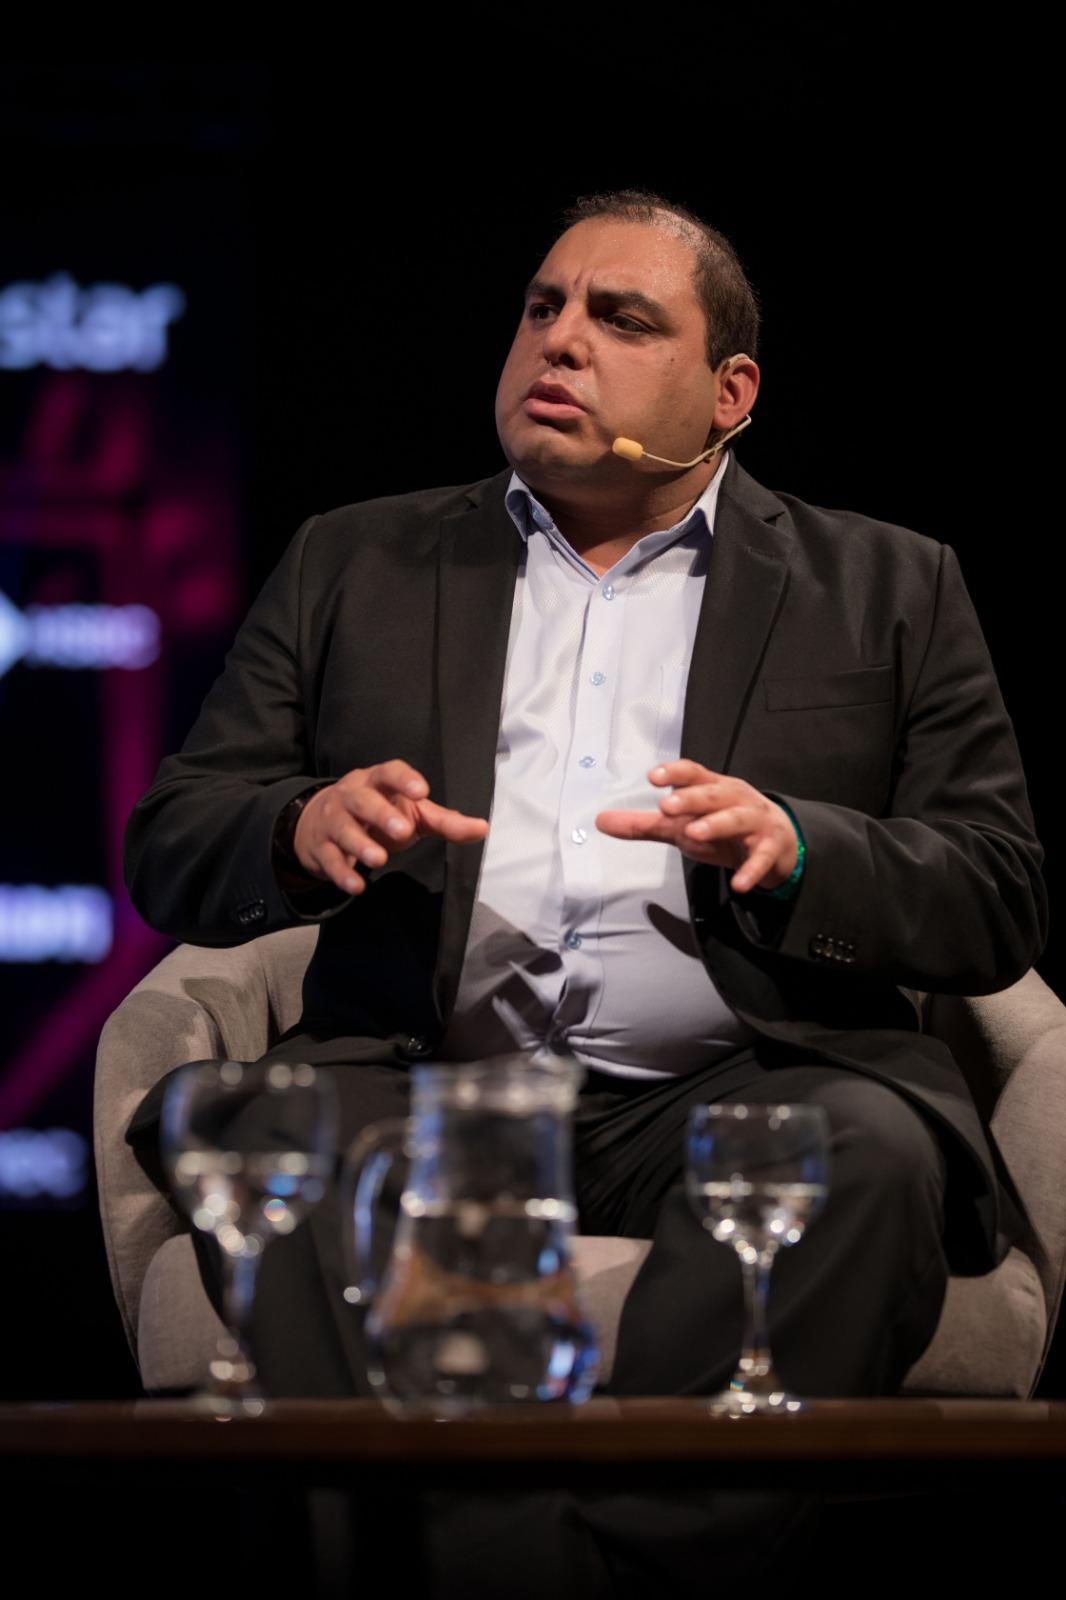 El Ecosistema de Huawei: Construyendo una vida inteligente basada en IA para consumidores y desarrolladores